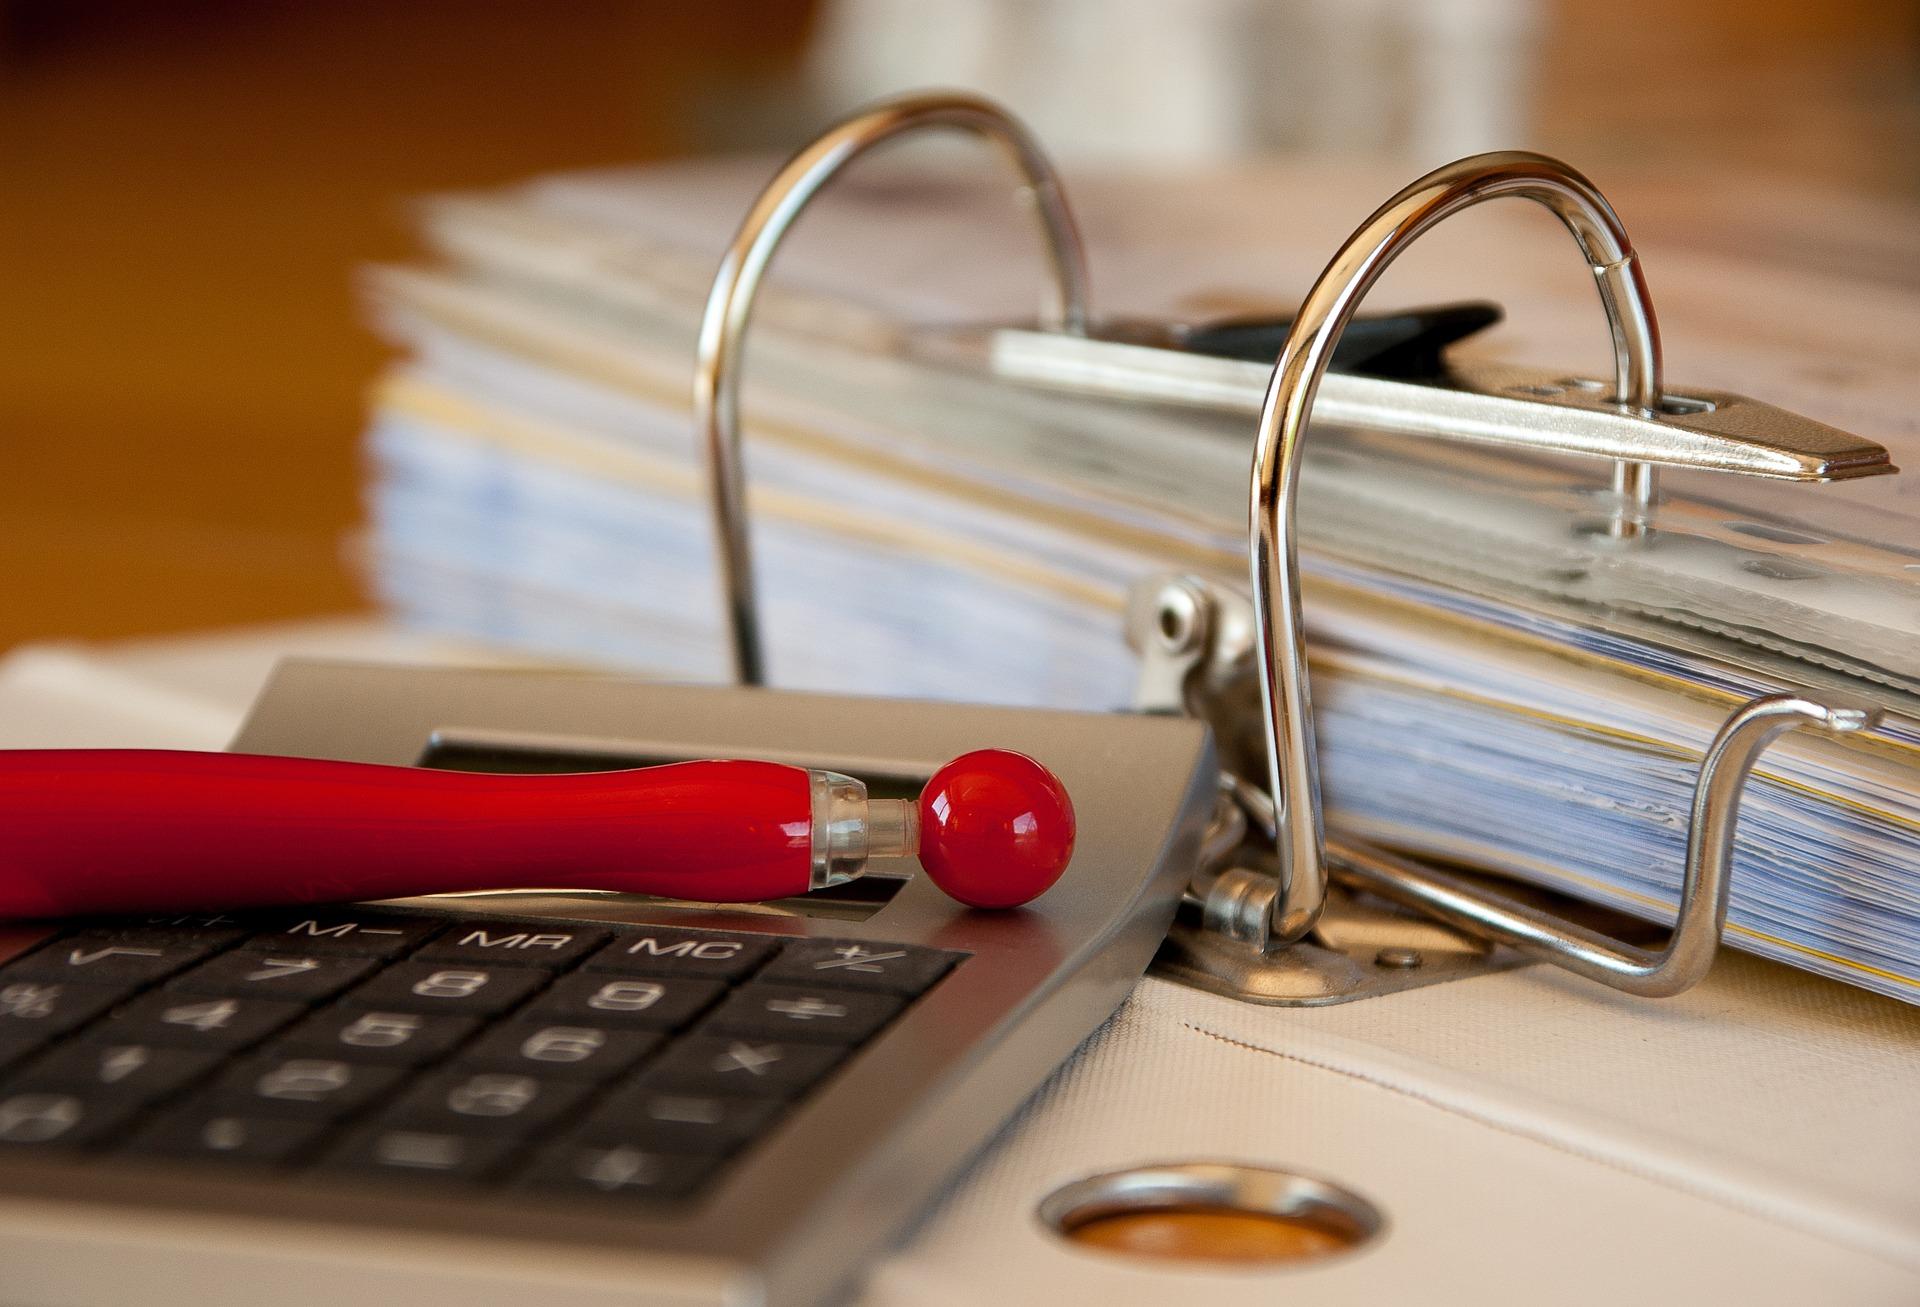 Годовая арендная плата за участок в Наро-Фоминском округе на торгах превысила стартовую в 17 раз